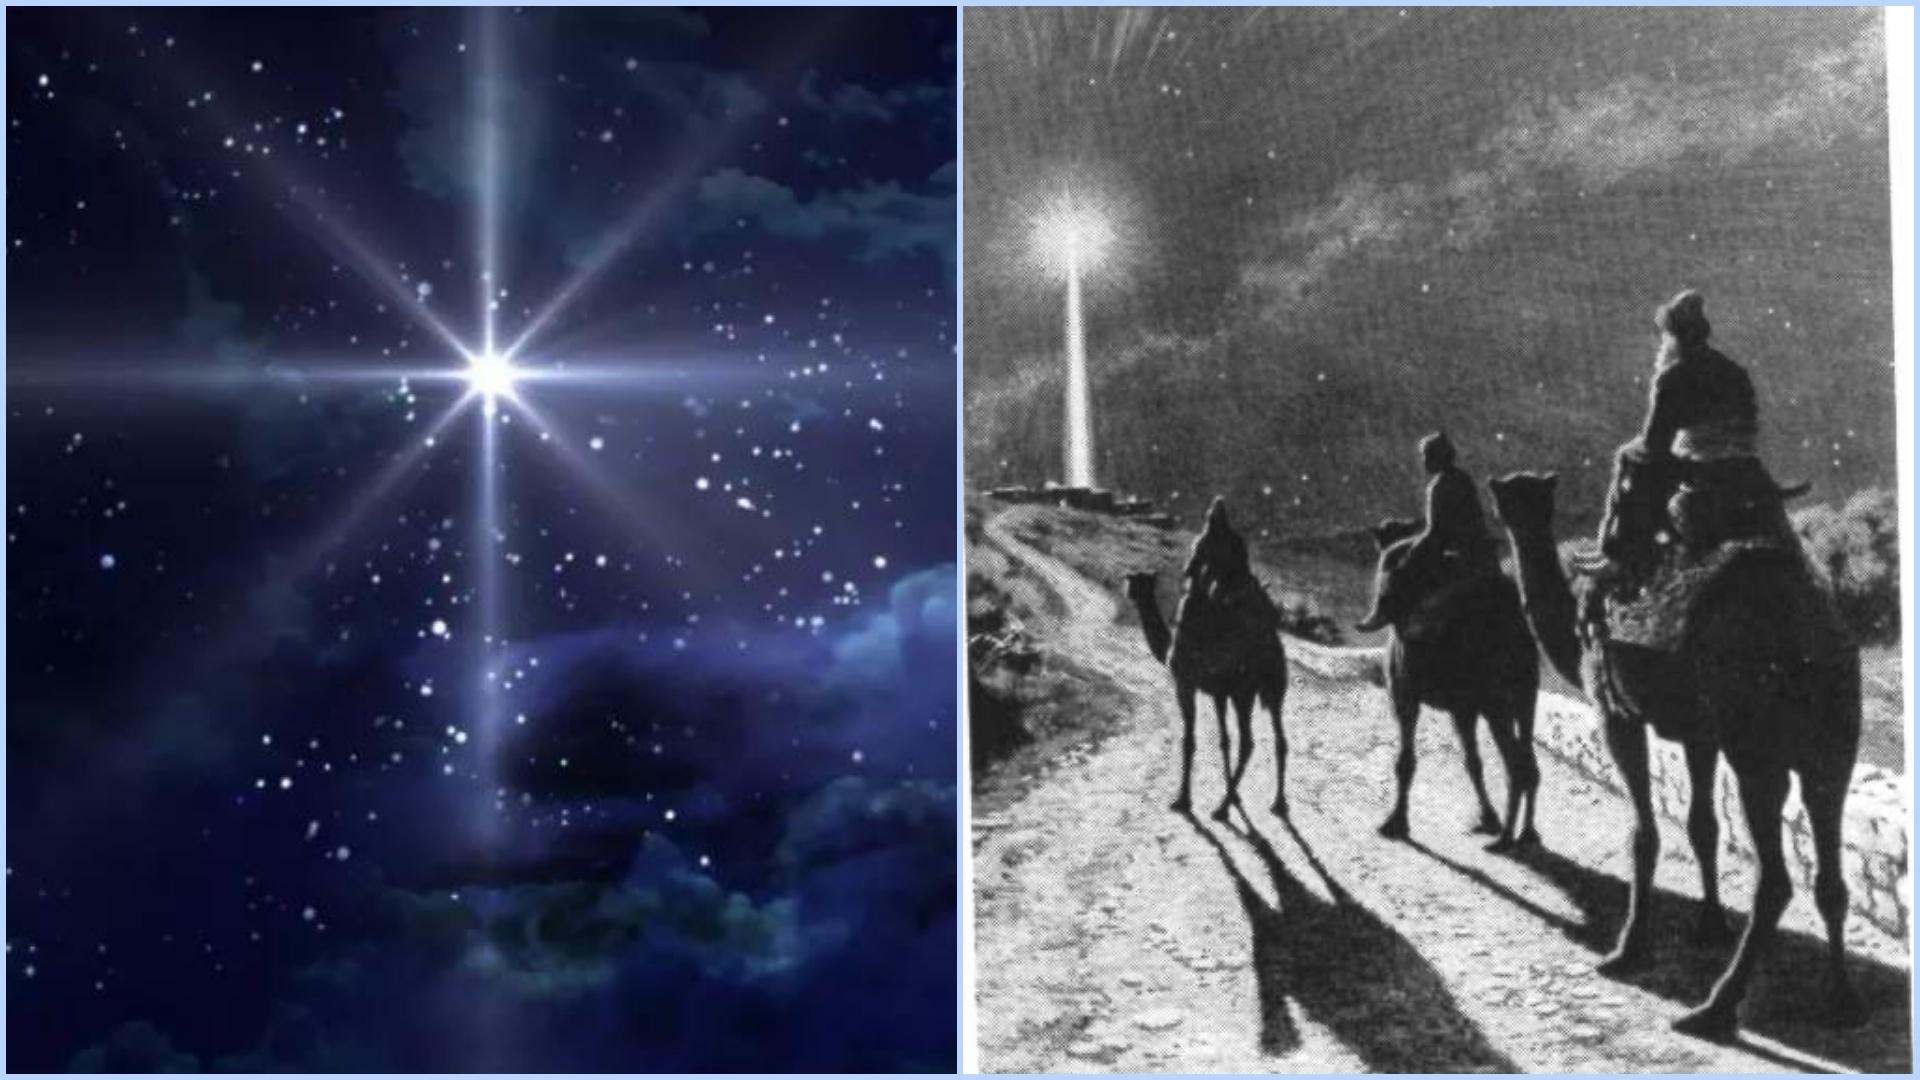 Steaua Crăciunului se va vedea pentru prima dată în 800 de ani. Evenimentul astrologic al anului